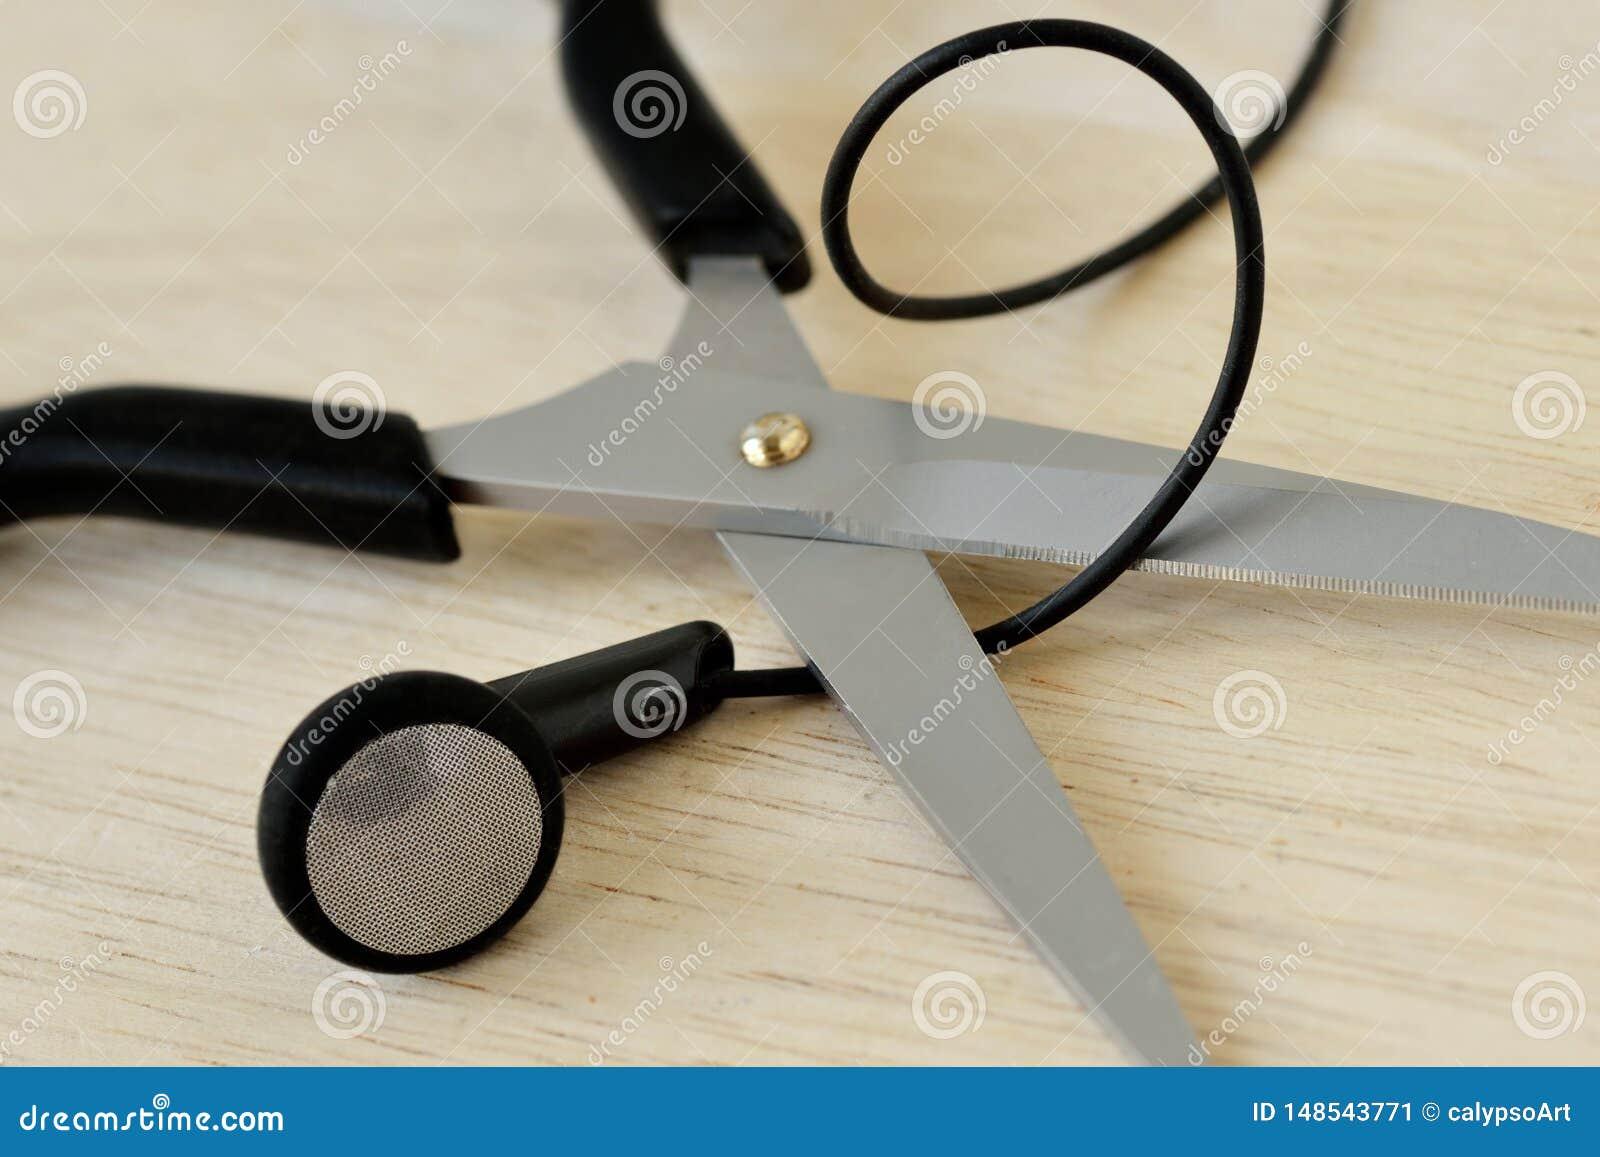 Schaar die de draad van hoofdtelefoons snijden - oortelefoons Concept het luisteren en mededeling, draadloze hoofdtelefoons